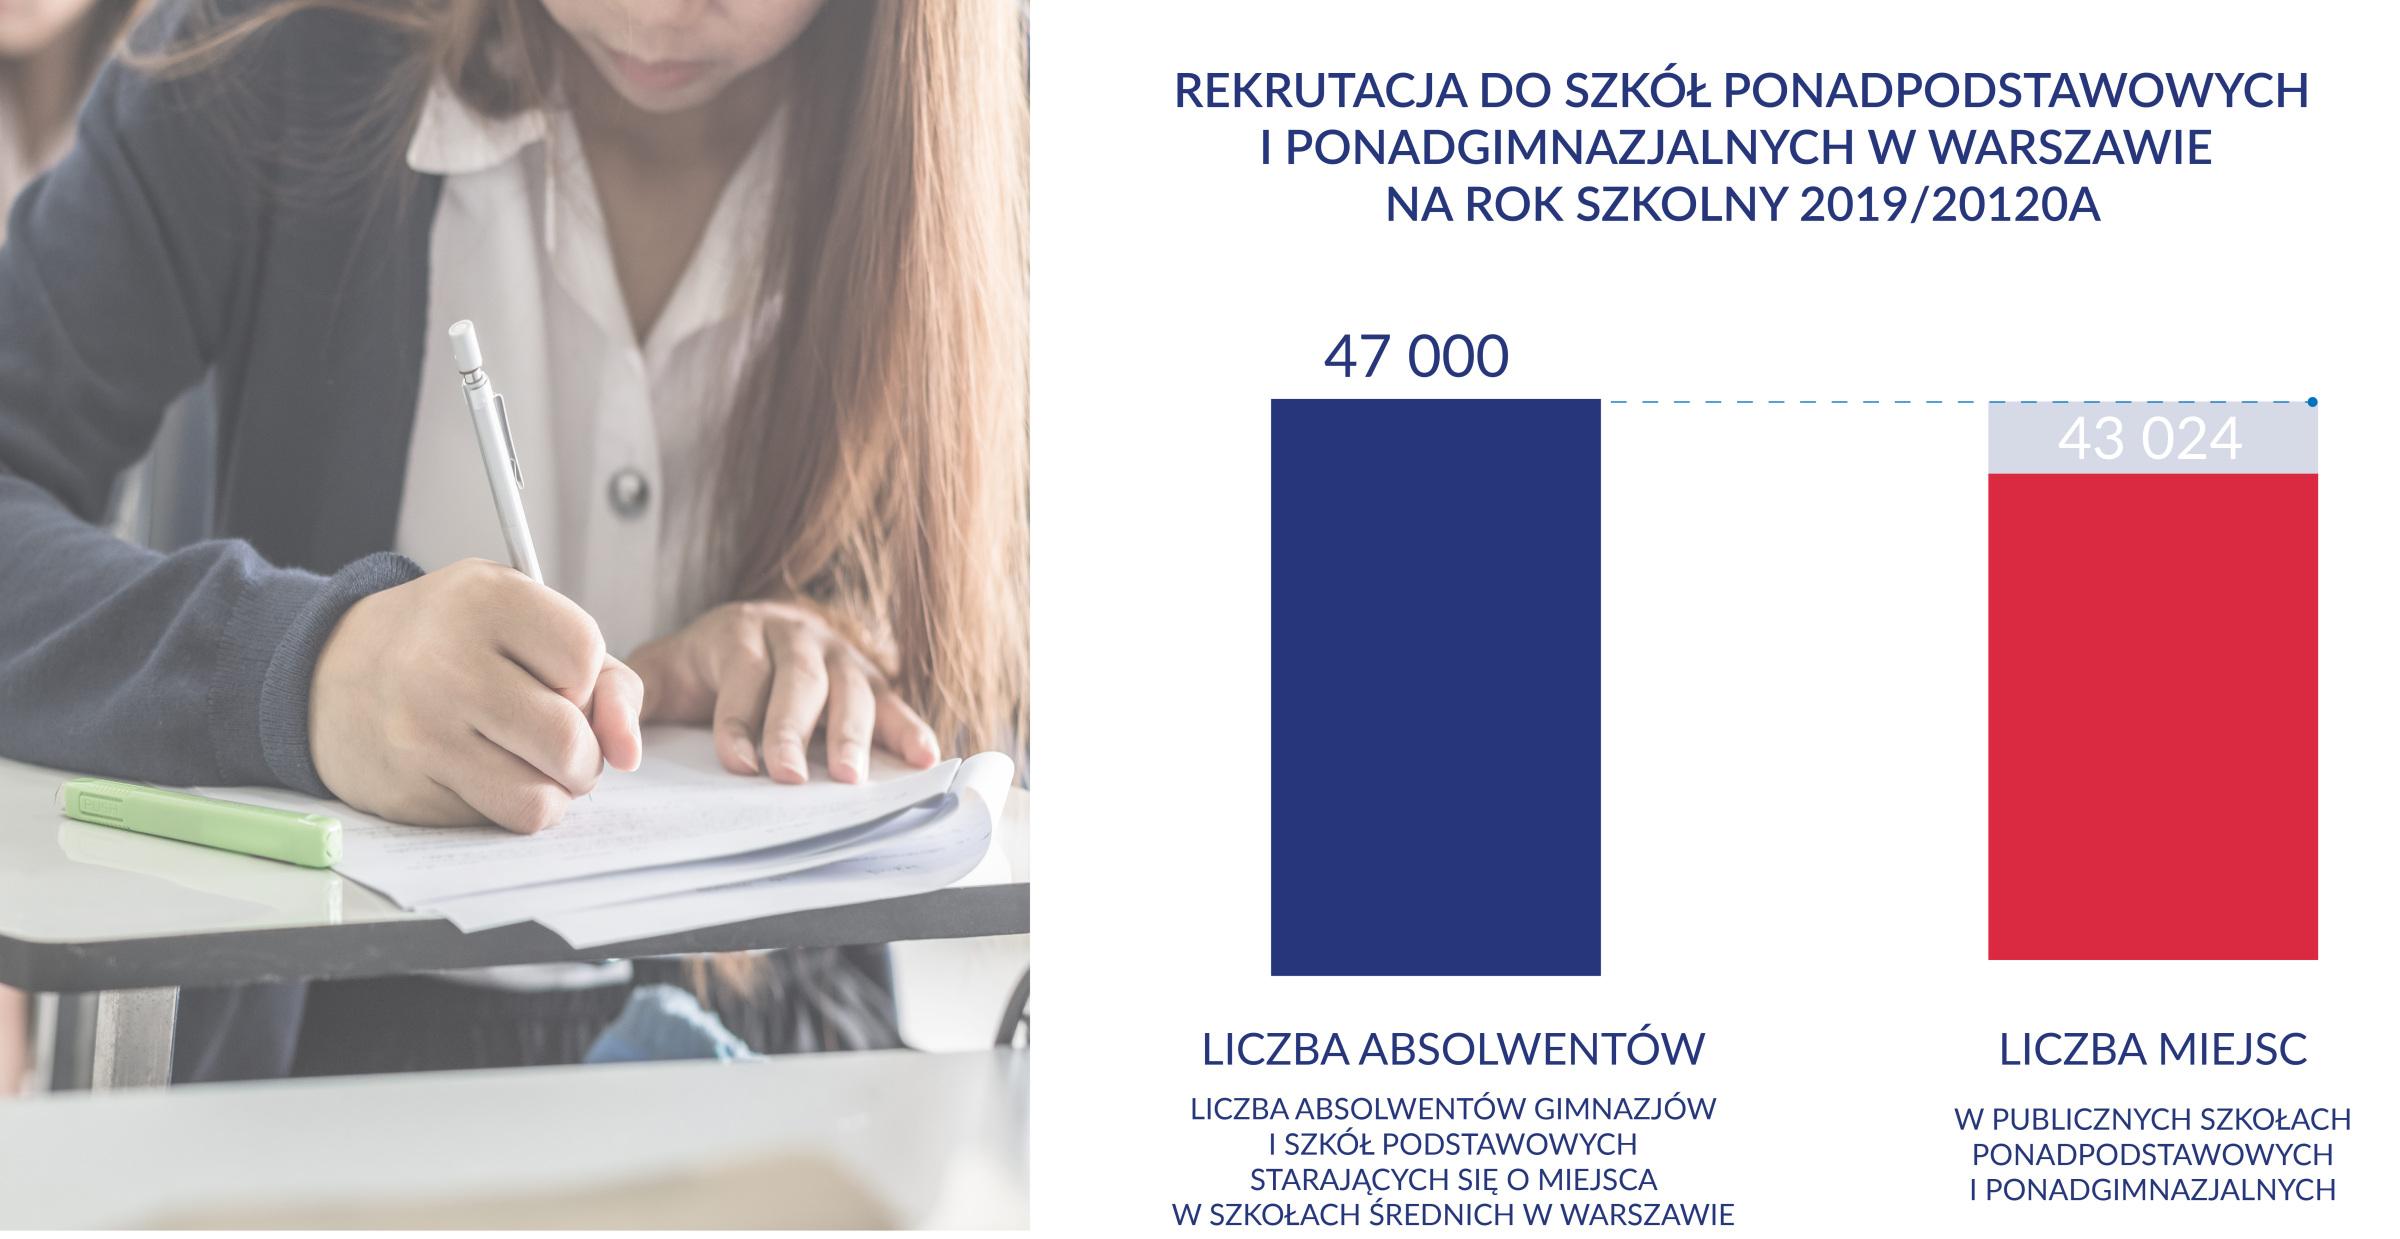 W Warszawie jest więcej kandydatów niż przygotowanych dla nich miejsc